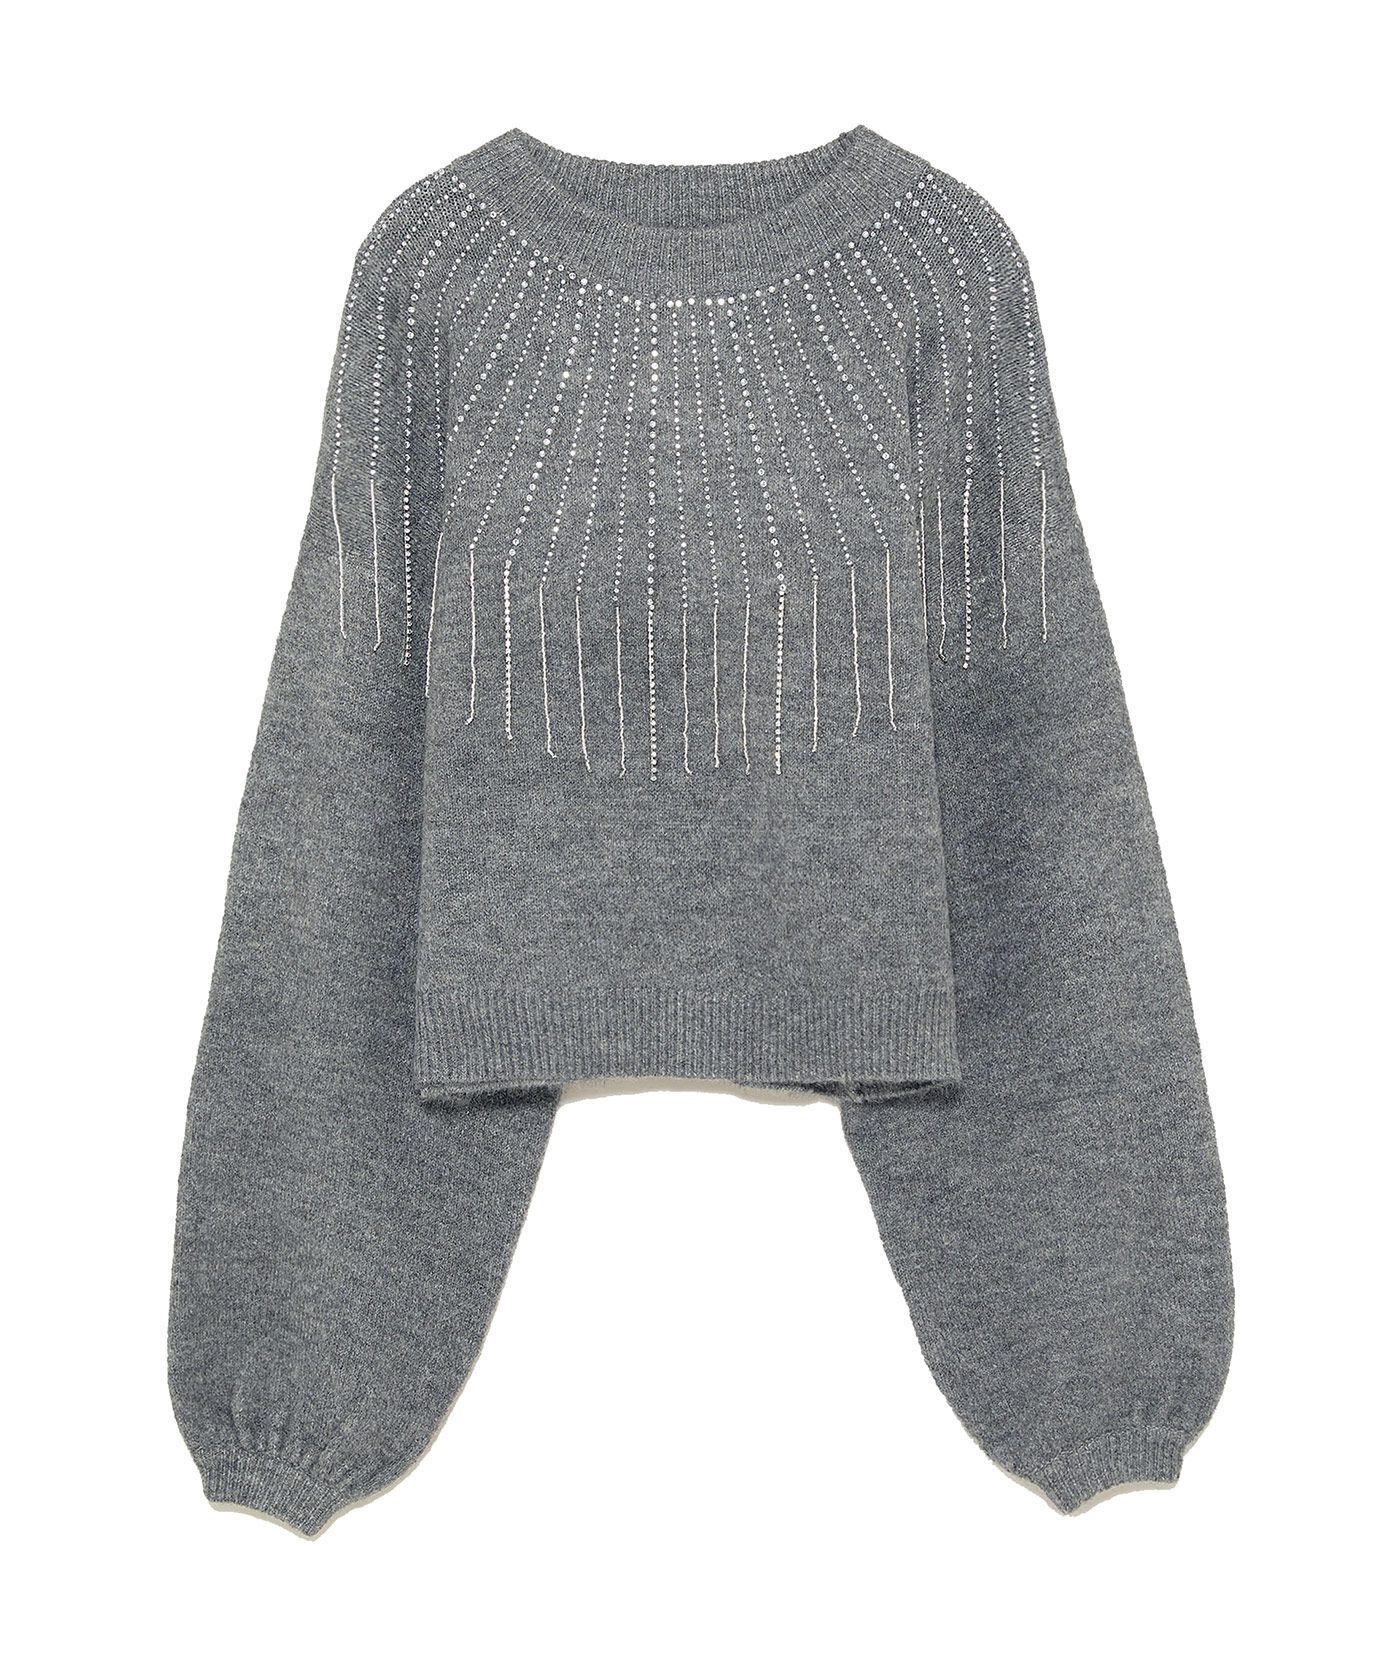 35c0c311a Blanca Suárez tiene el jersey de Zara que arrasa en Instagram ...